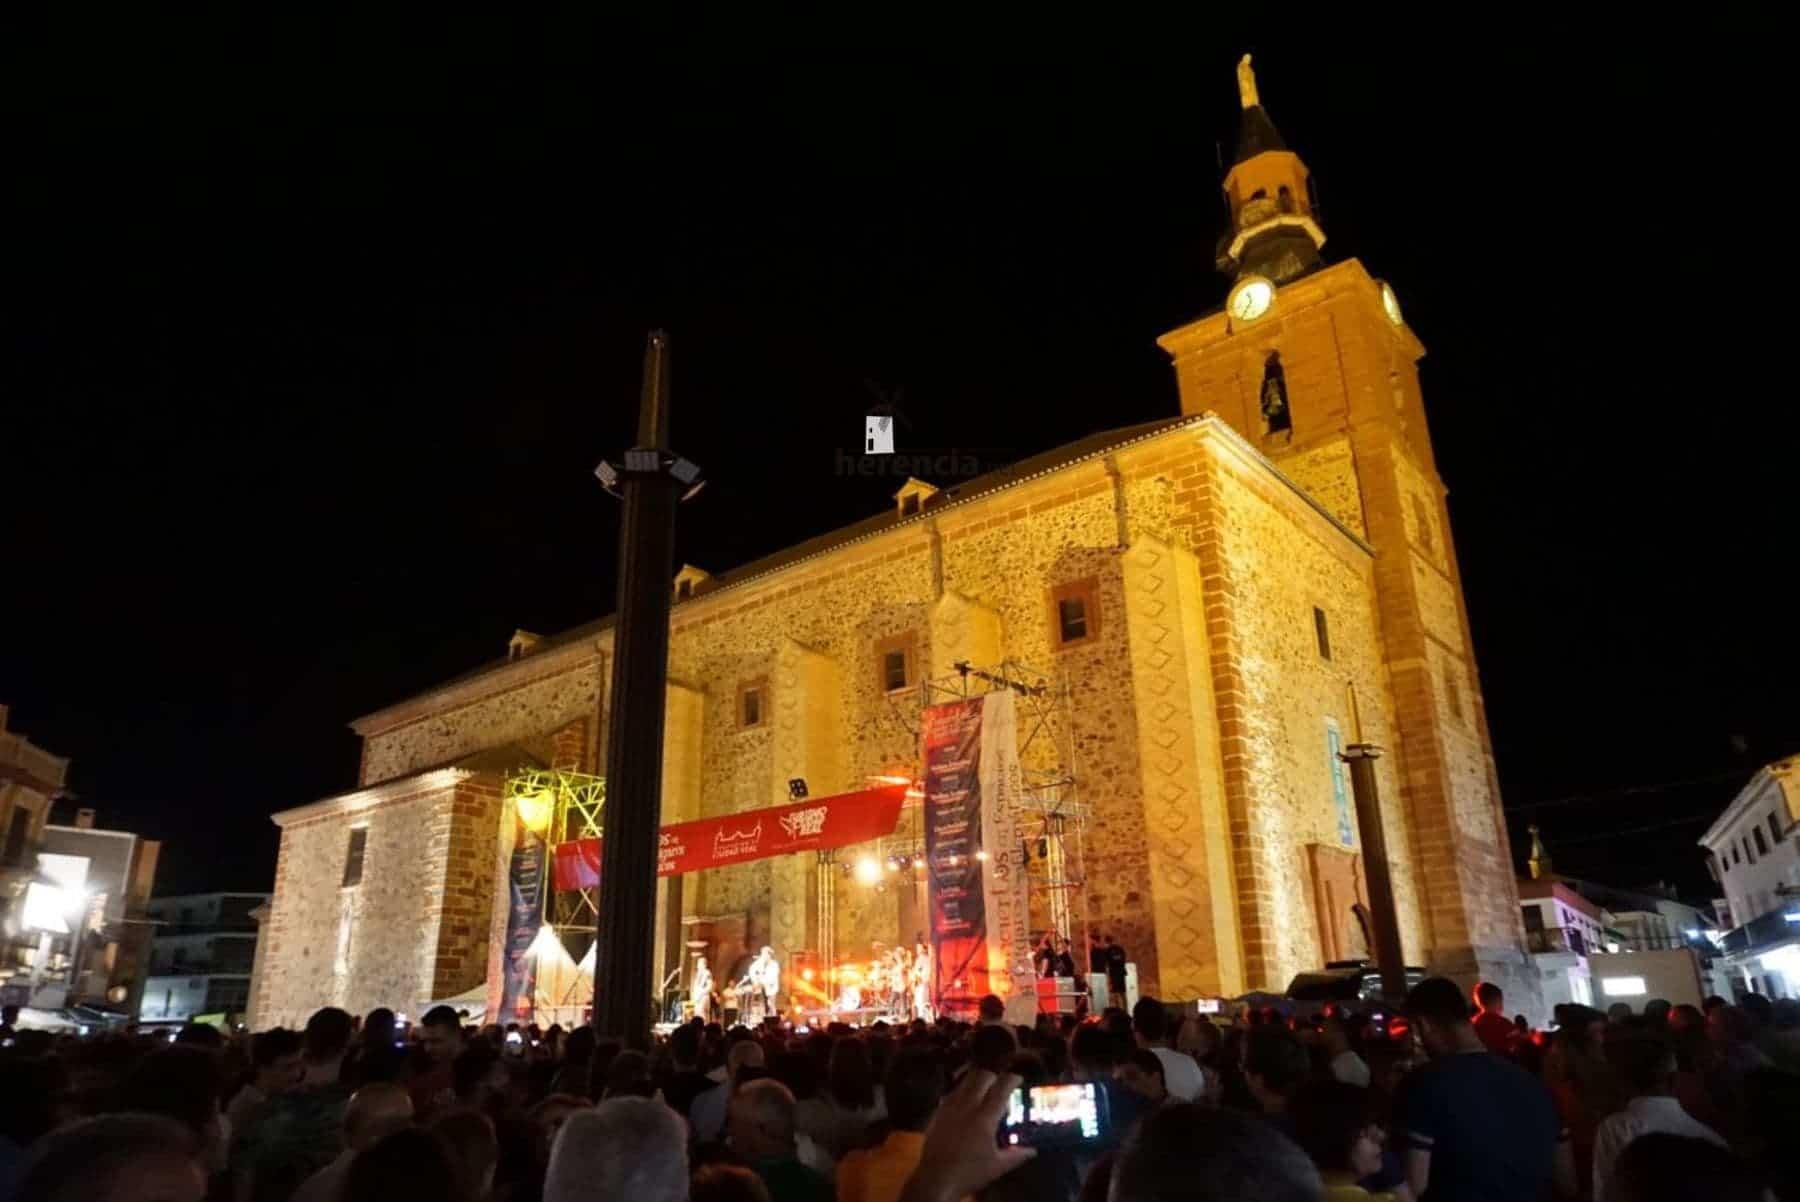 convierto dvicio en herencia 9 - DVICIO llena una renovada Plaza de España en Herencia